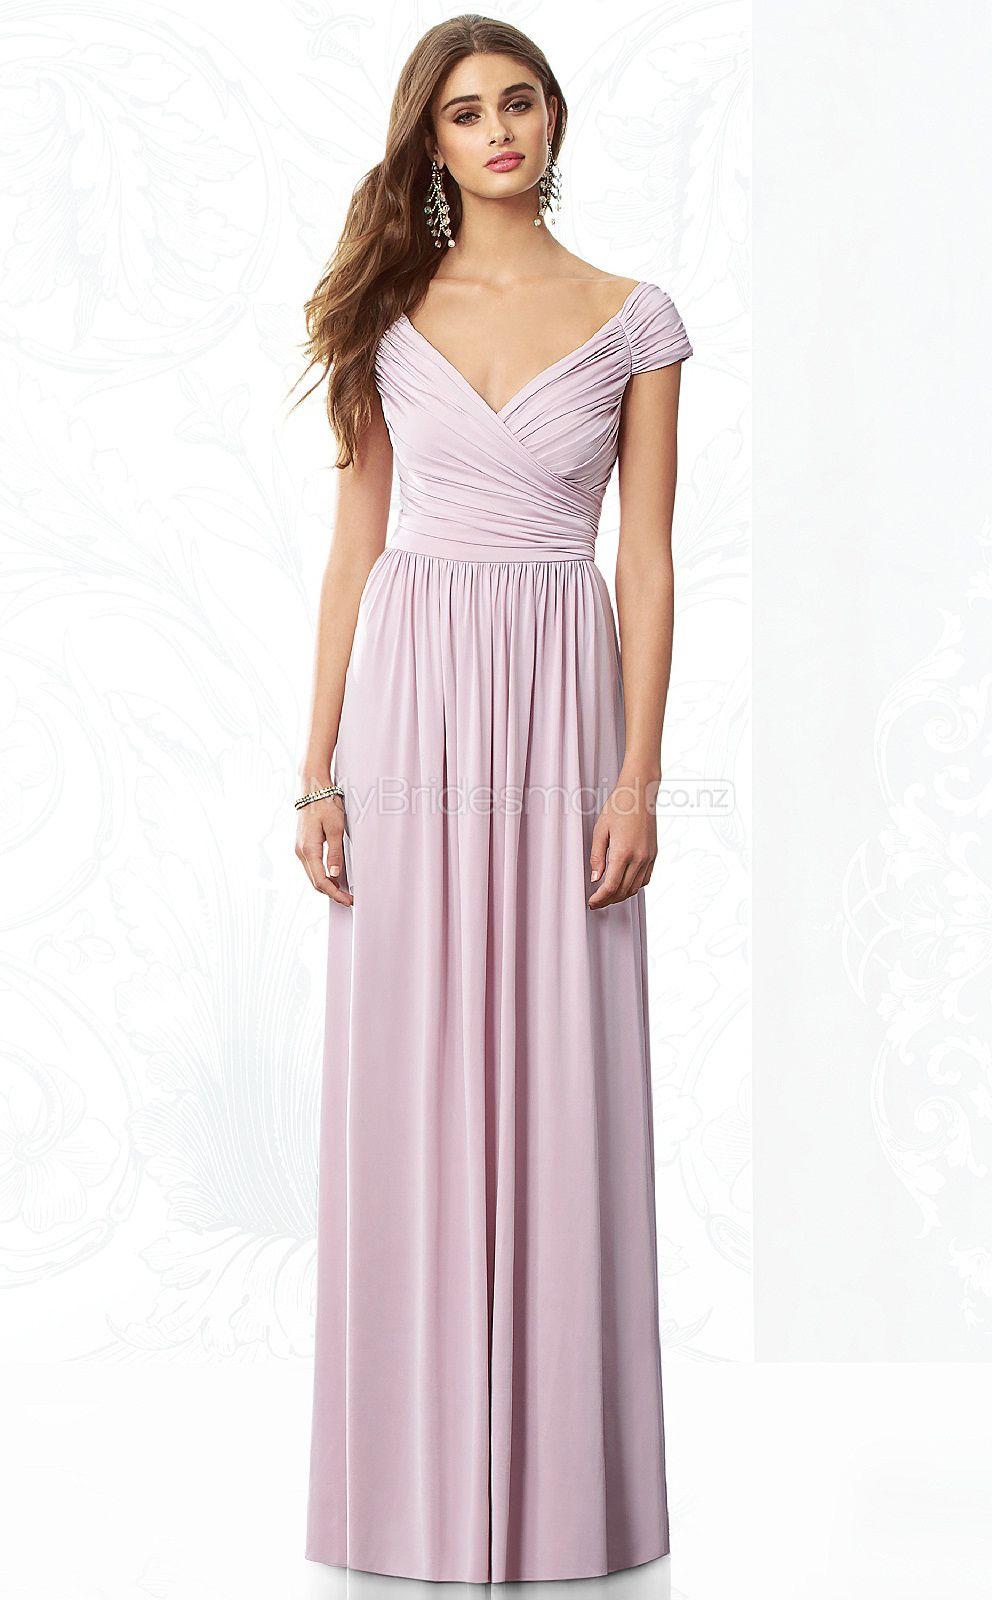 Lilac chiffon a line v neck floor length vintage bridesmaid lilac chiffon a line v neck floor length vintage bridesmaid dresses nzbd06858 ombrellifo Images